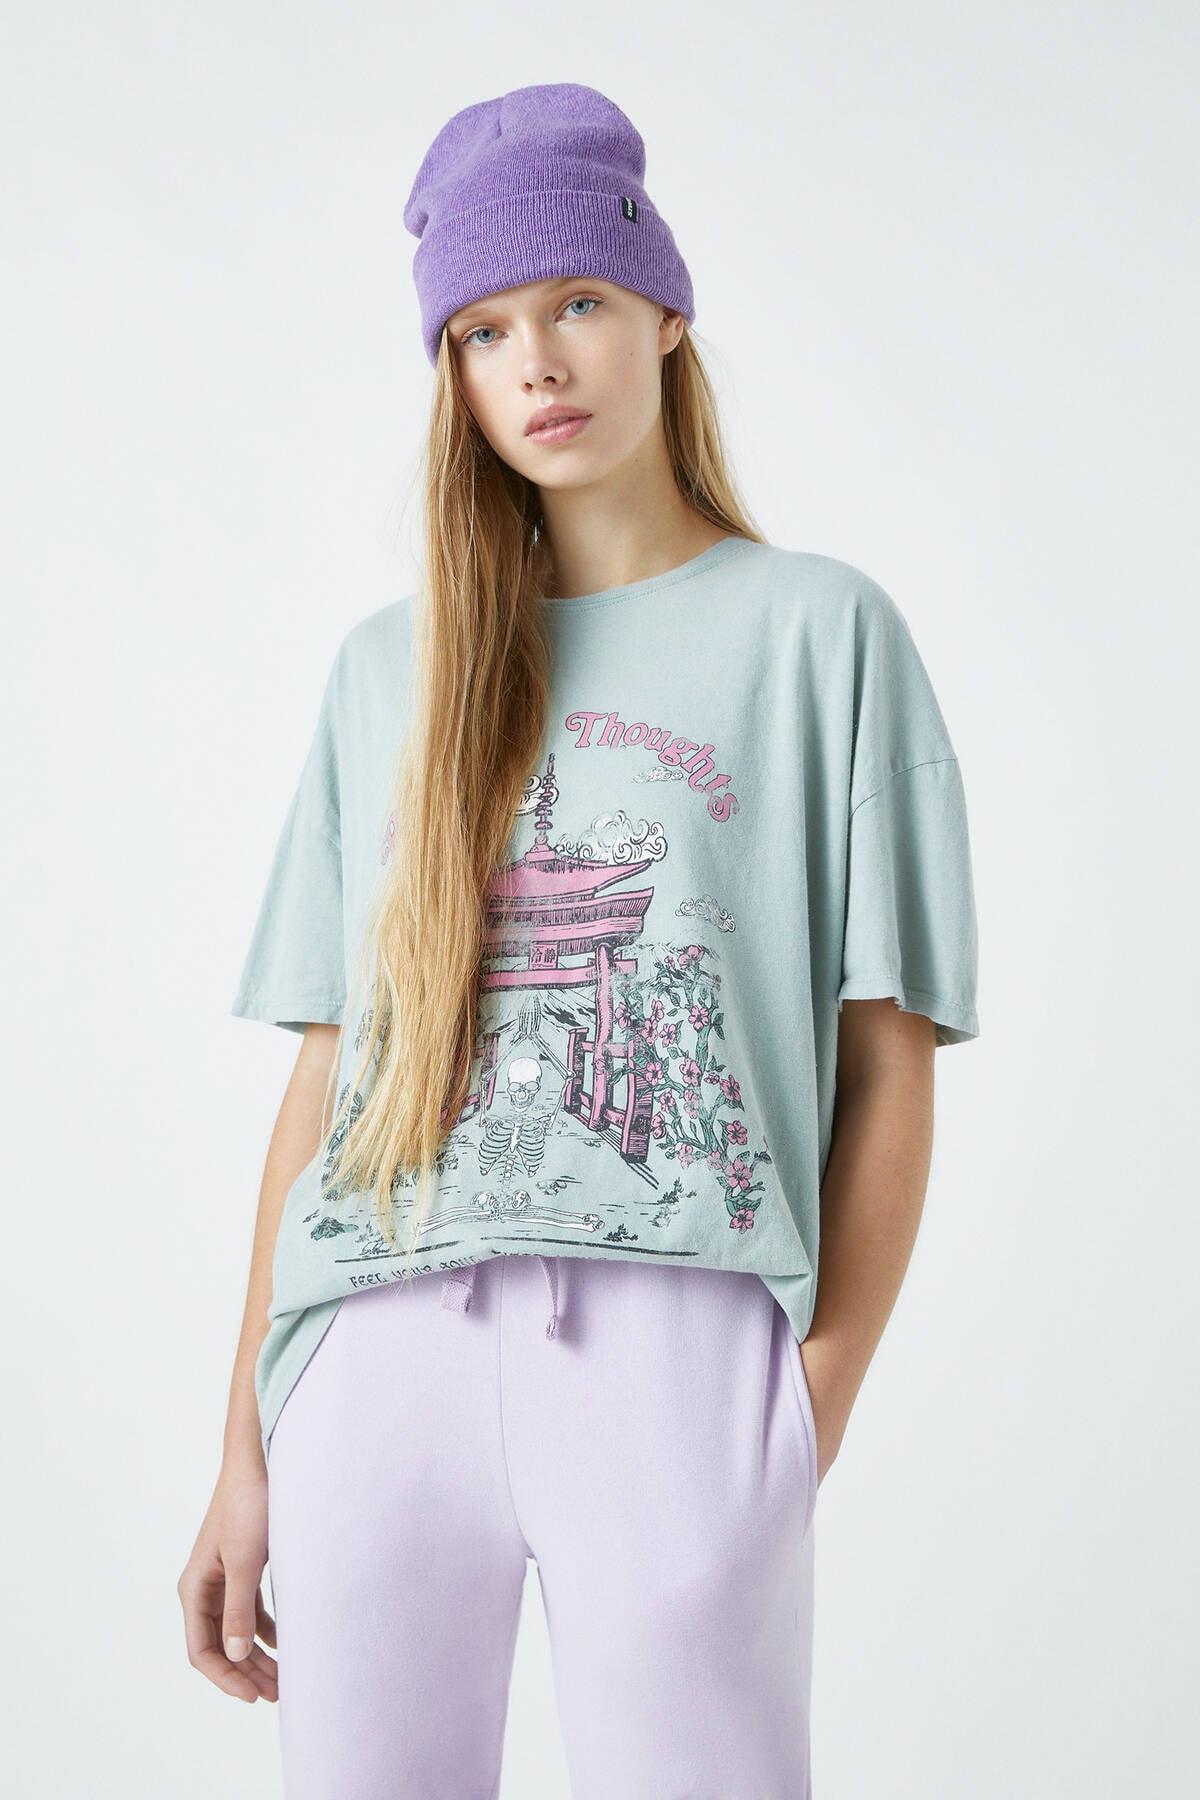 Pull & Bear Kadın Orta Haki Pembe Tapınak Görselli T-Shirt 04240328 0